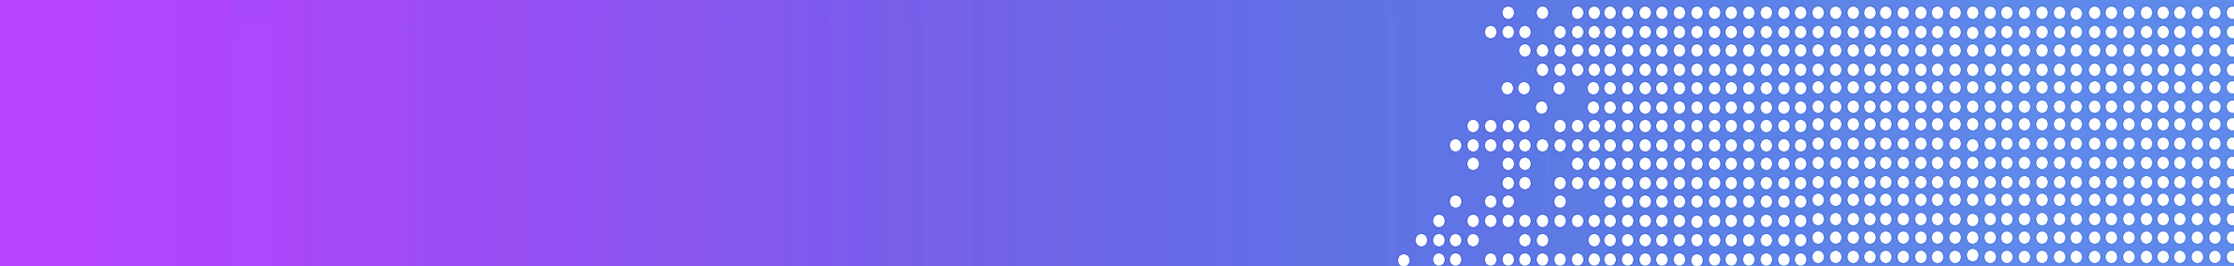 Screen Shot 2020-01-07 at 17.52.14.png